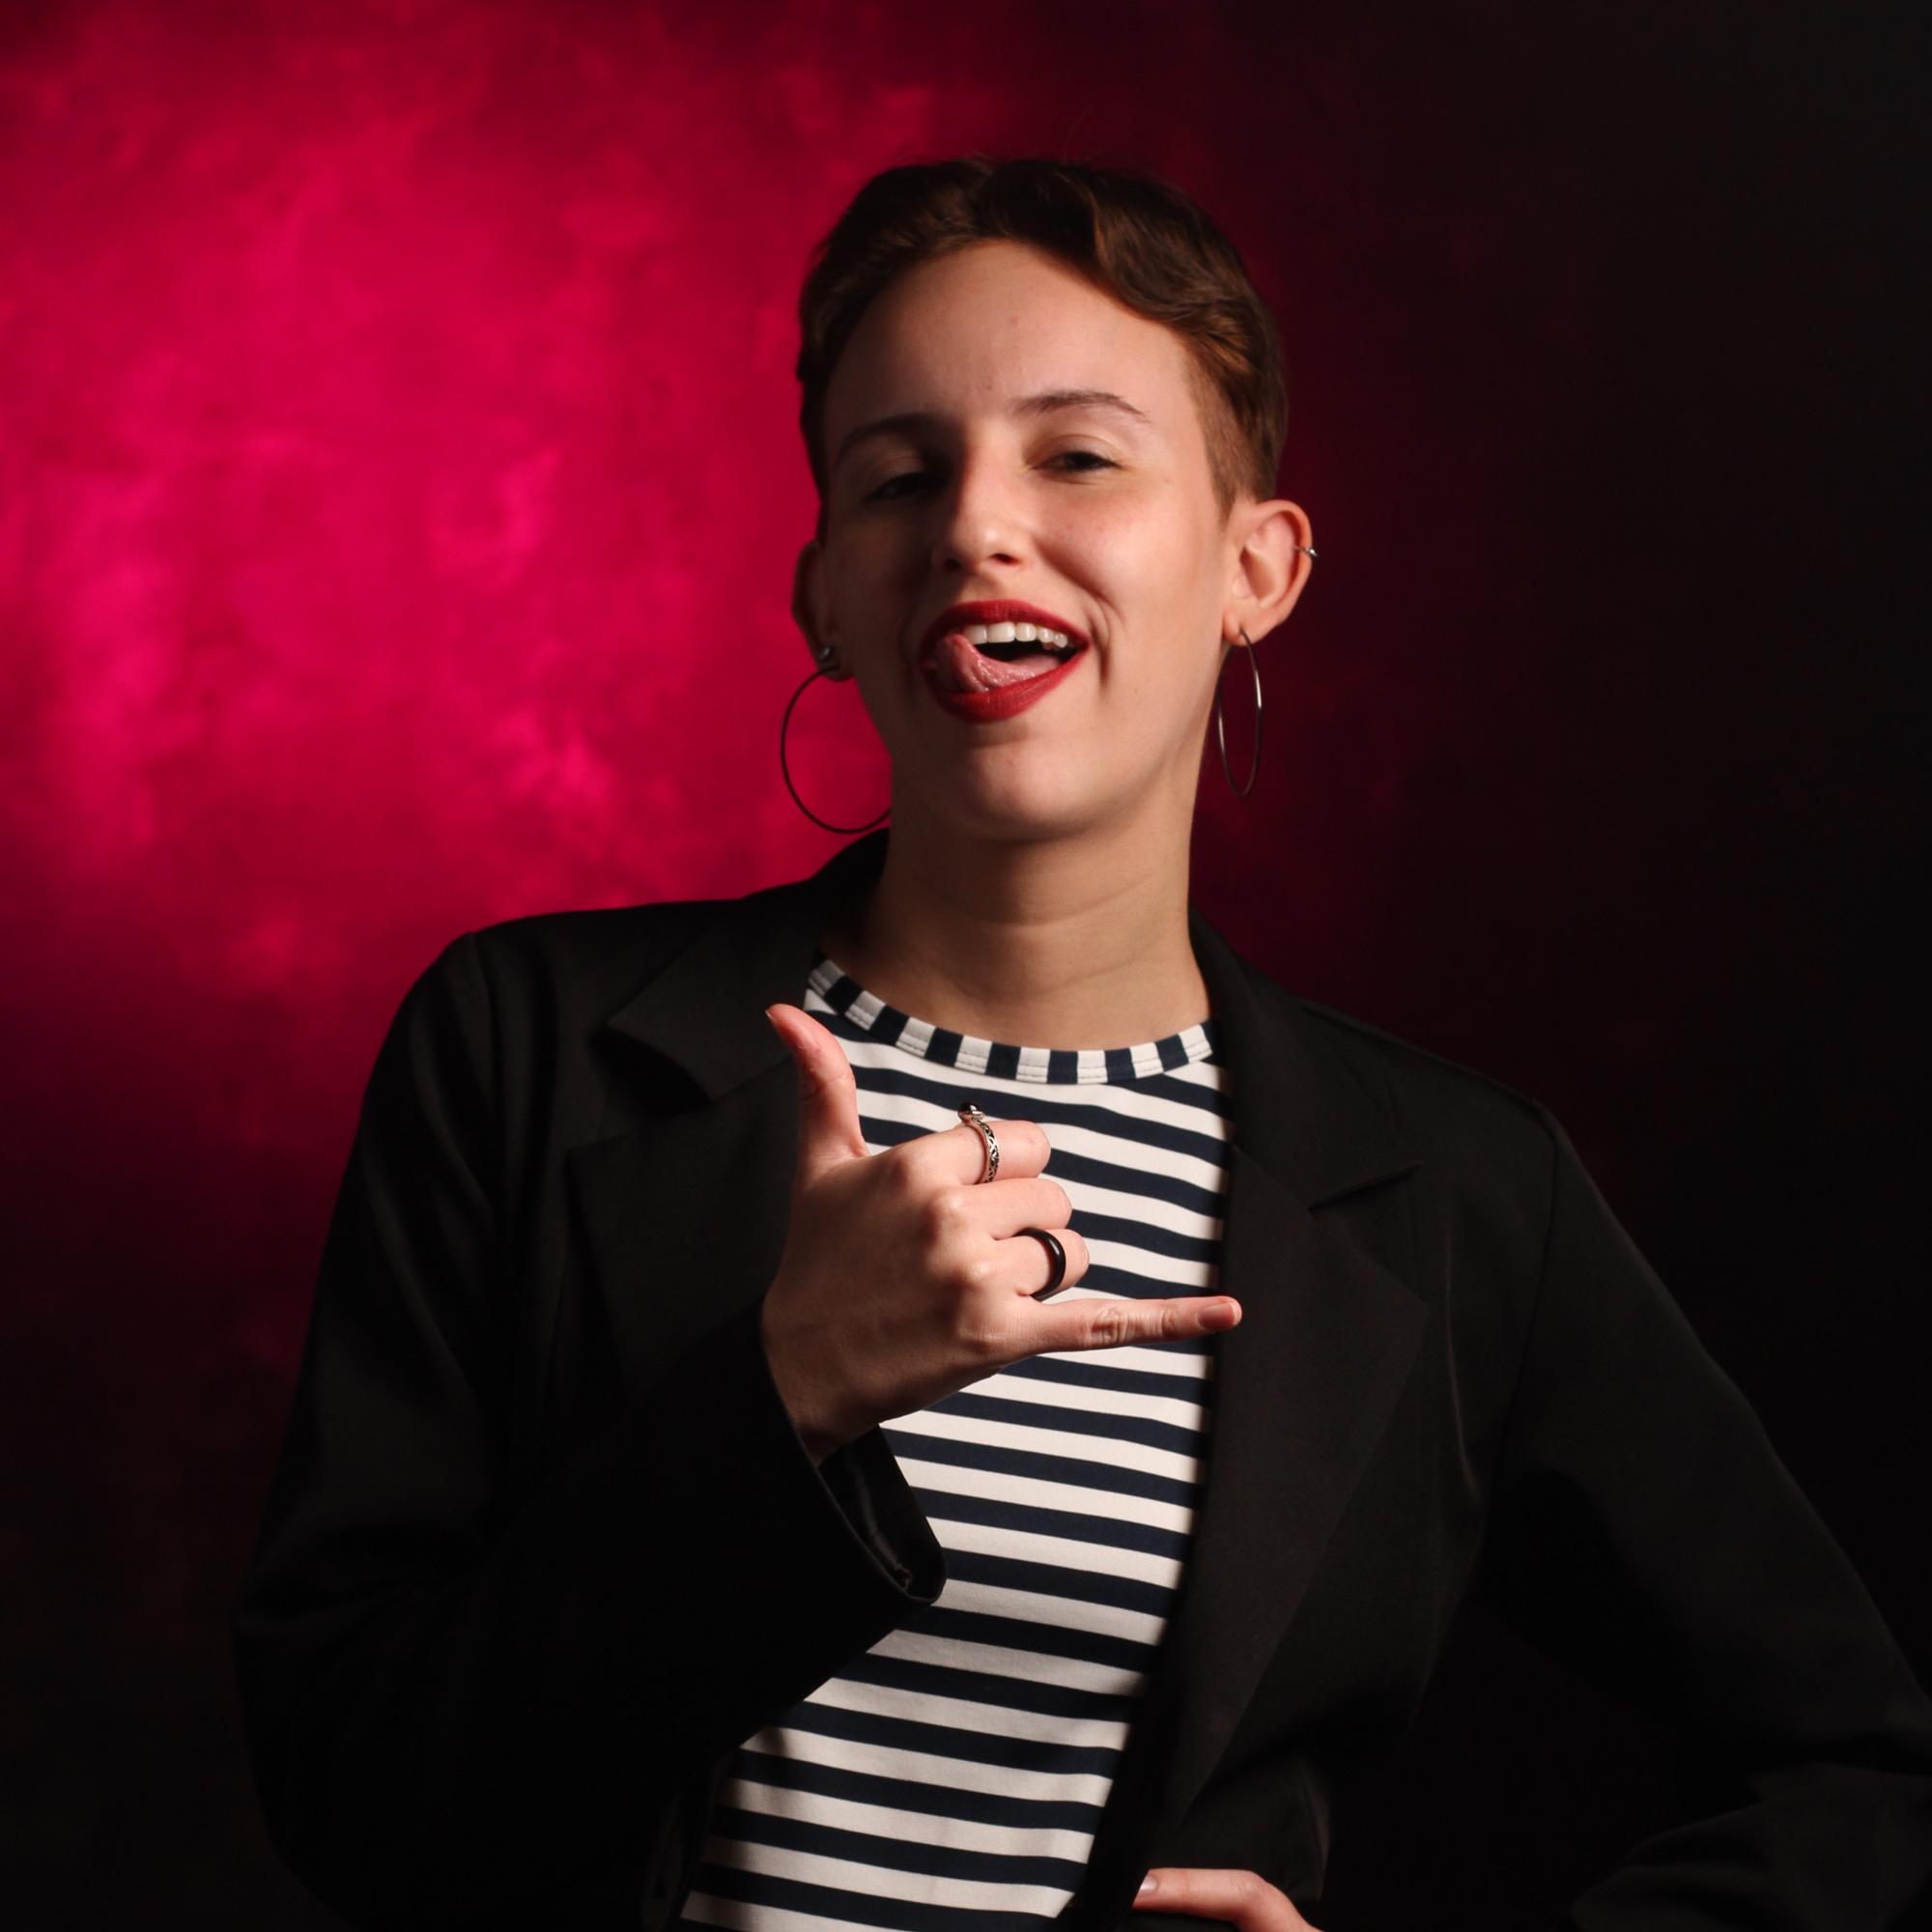 Luísa Splimbergo